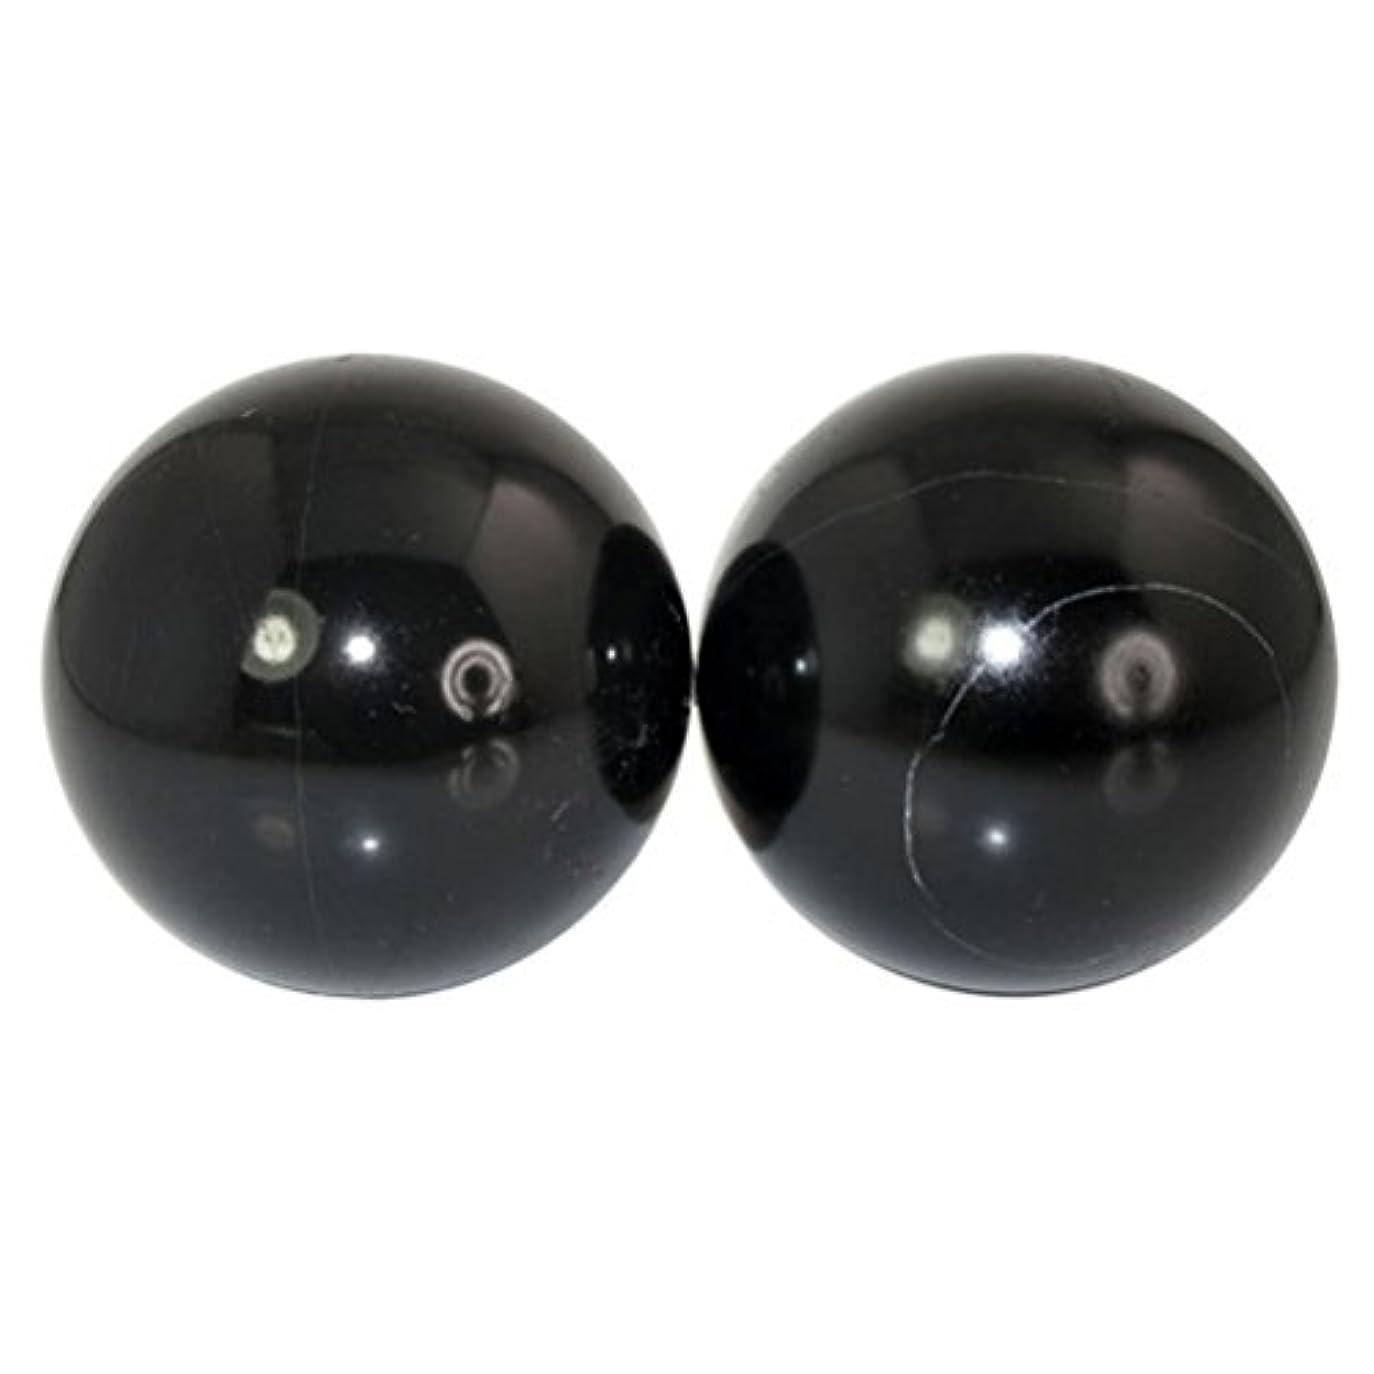 振り向くアメリカ背が高いROSENICE 2個 ハンドエクササイズボール ハンドセラピーストレスレリーフ(黑)